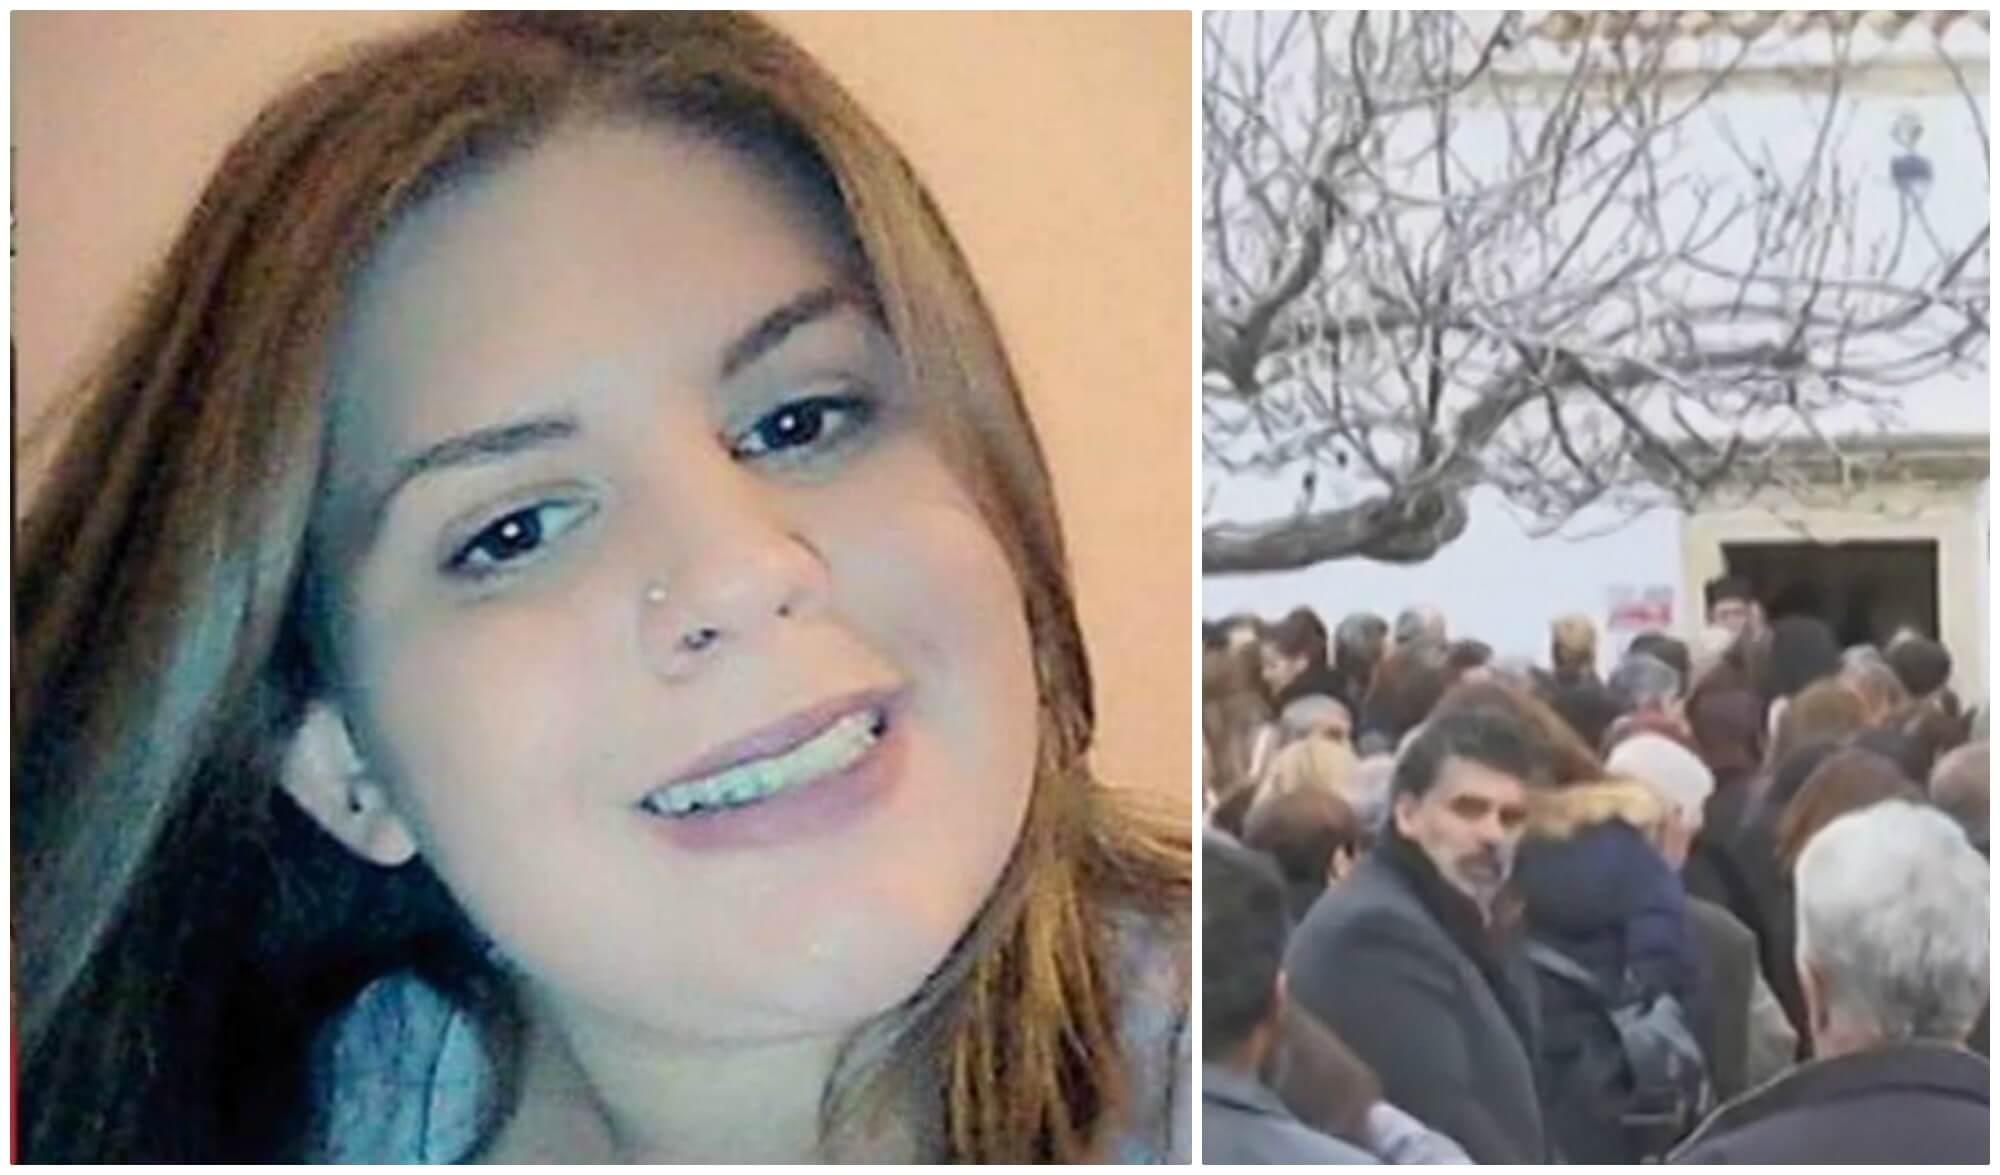 Μεσσαρά: Ράγισαν καρδιές στις κηδείες μάνας και κόρης – Τελευταίο αντίο στα θύματα της τραγωδίας – video